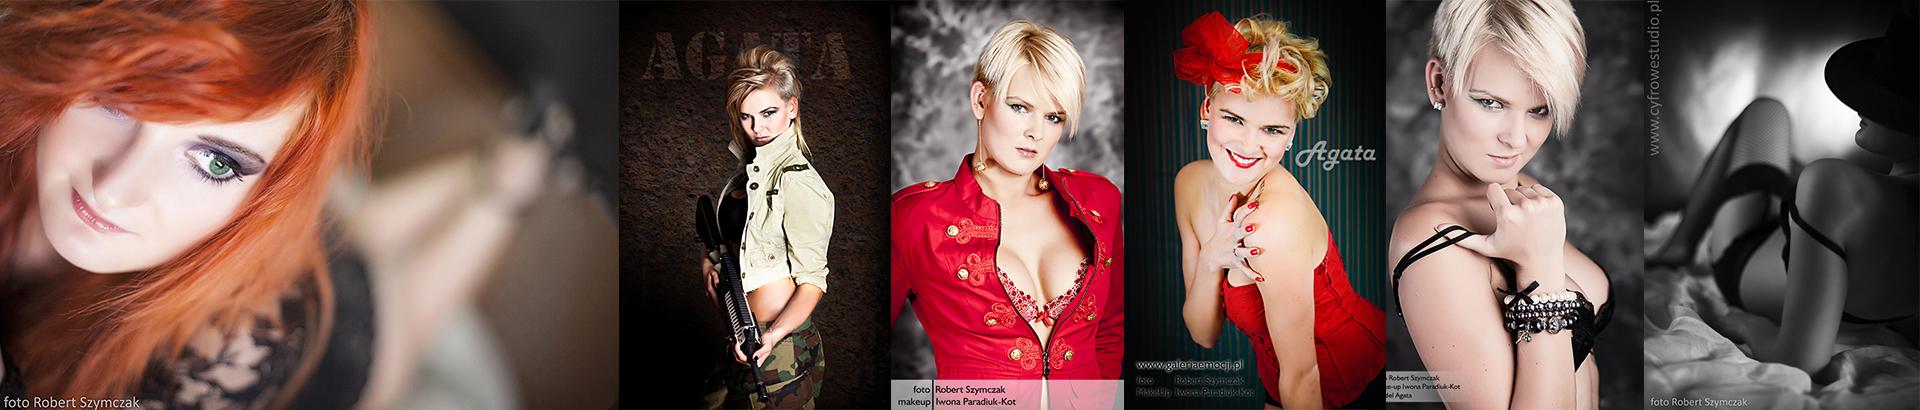 Warsztaty fotograficzne - Emocjonalny Portret Kobiety